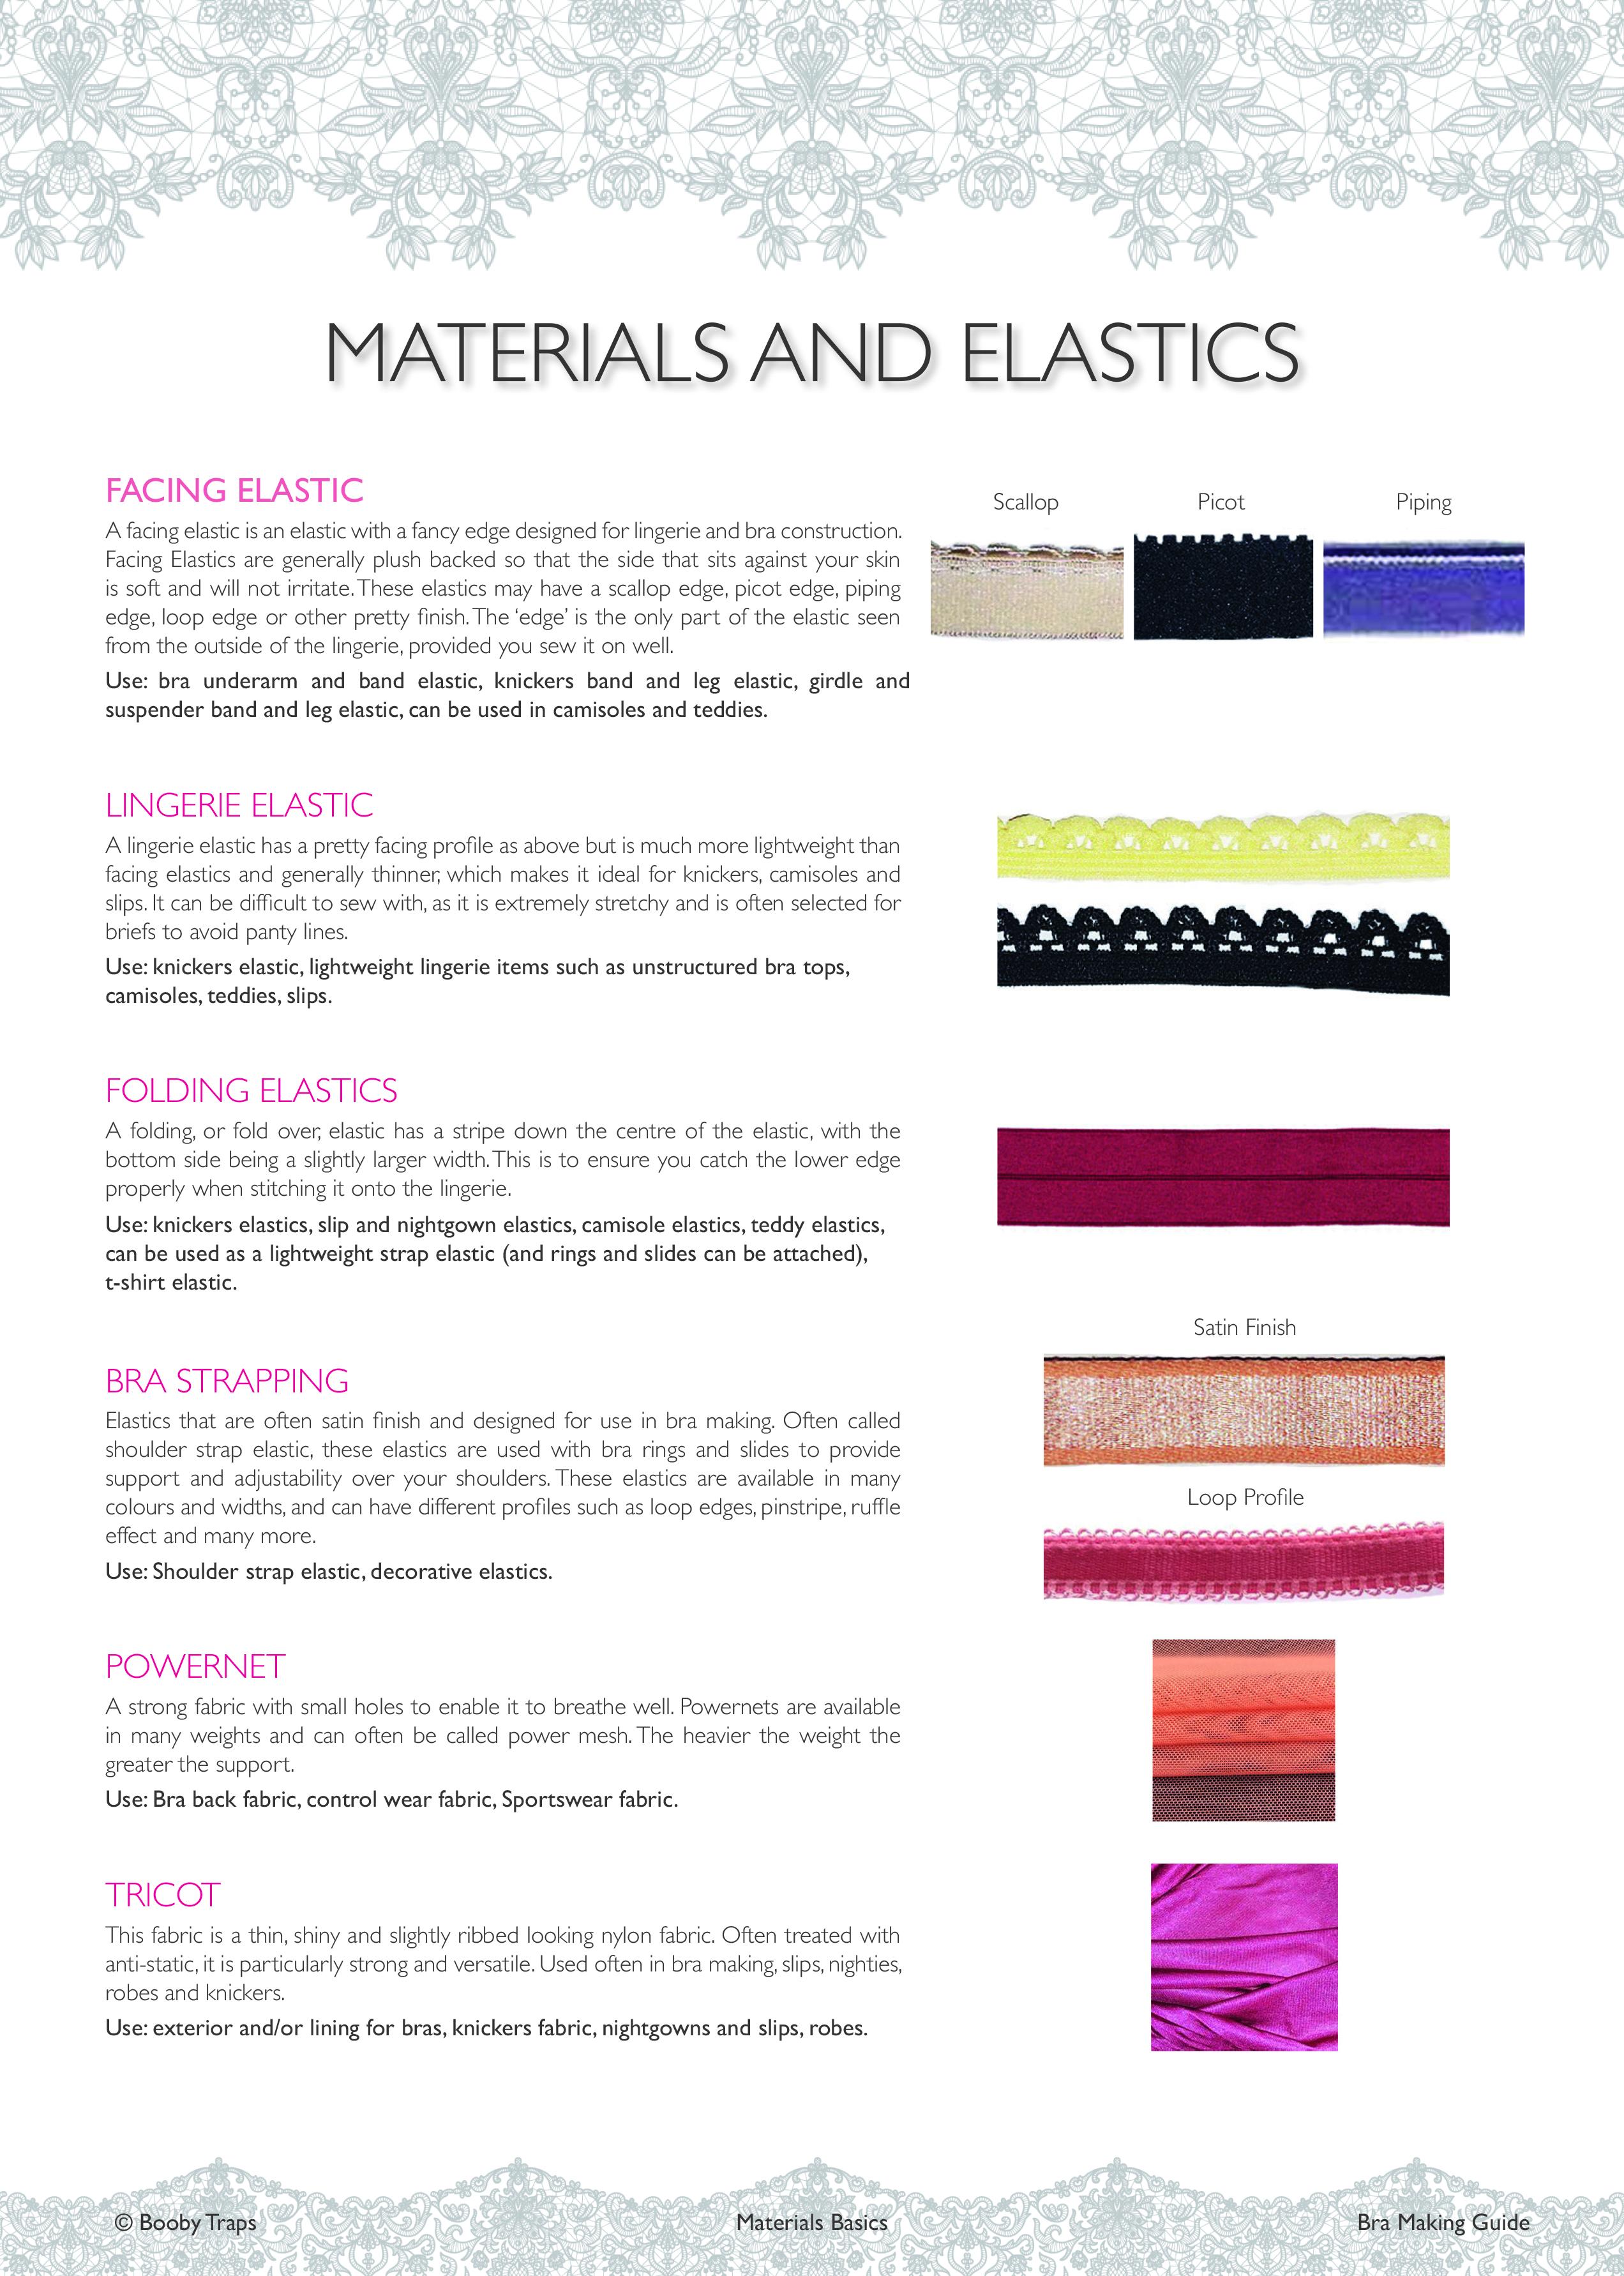 materials-and-elastics-merging-copy-1.jpg